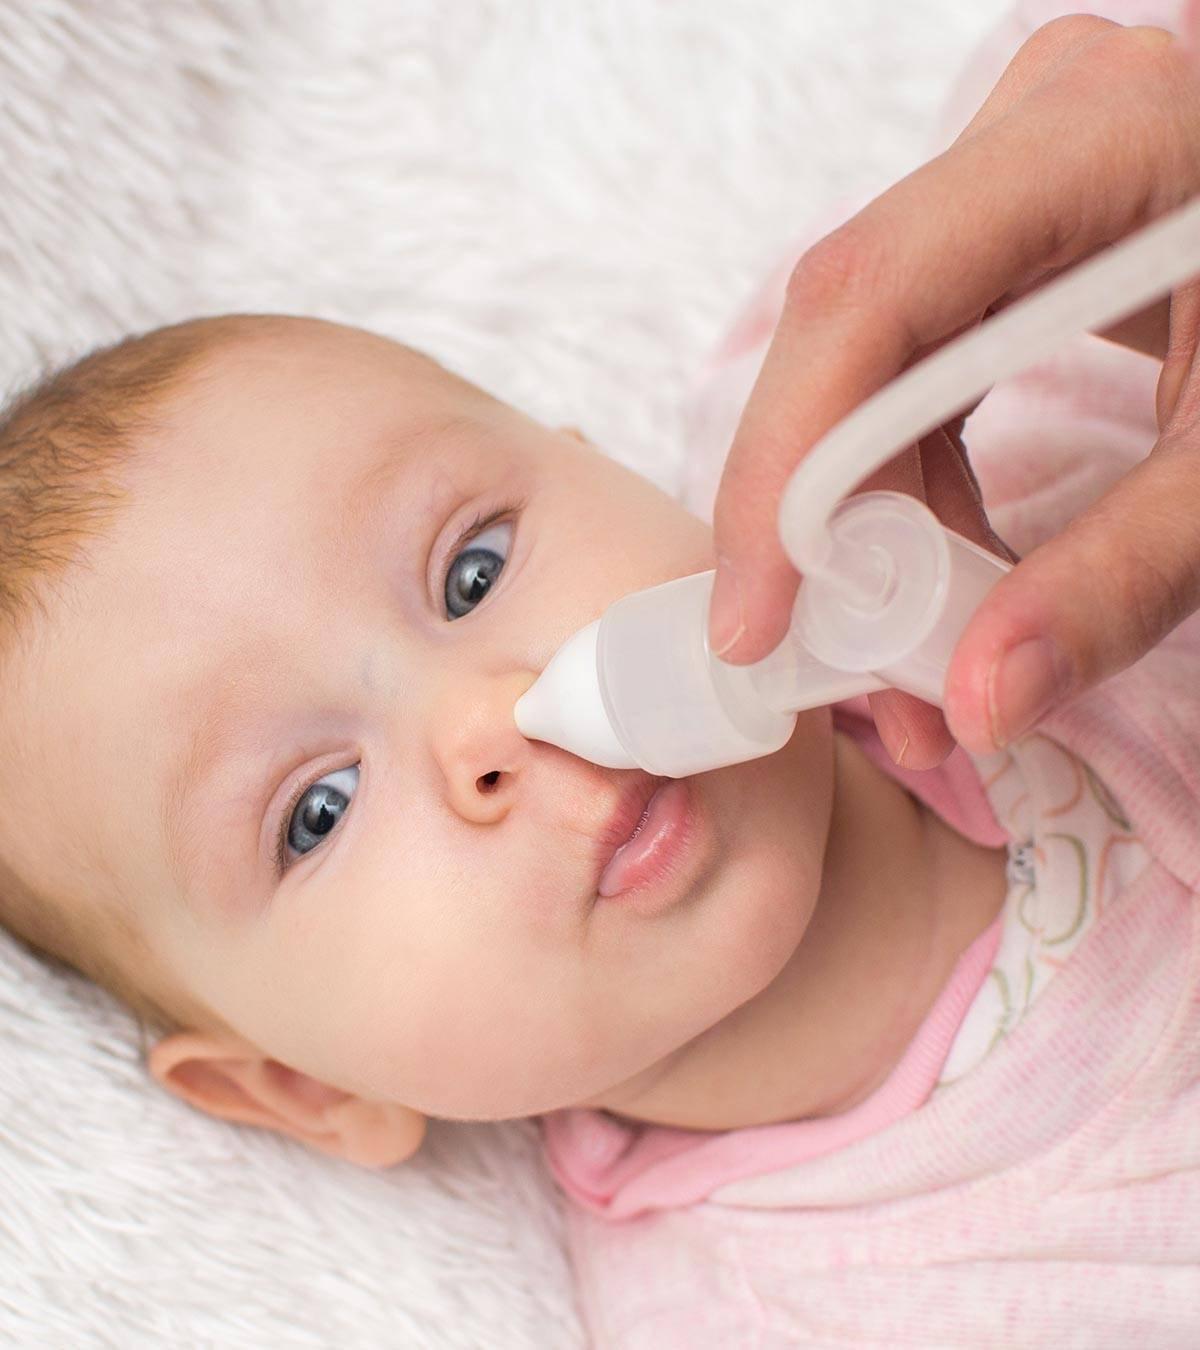 Физраствор для промывания носа новорожденному и детям до года - лечение, профилактика